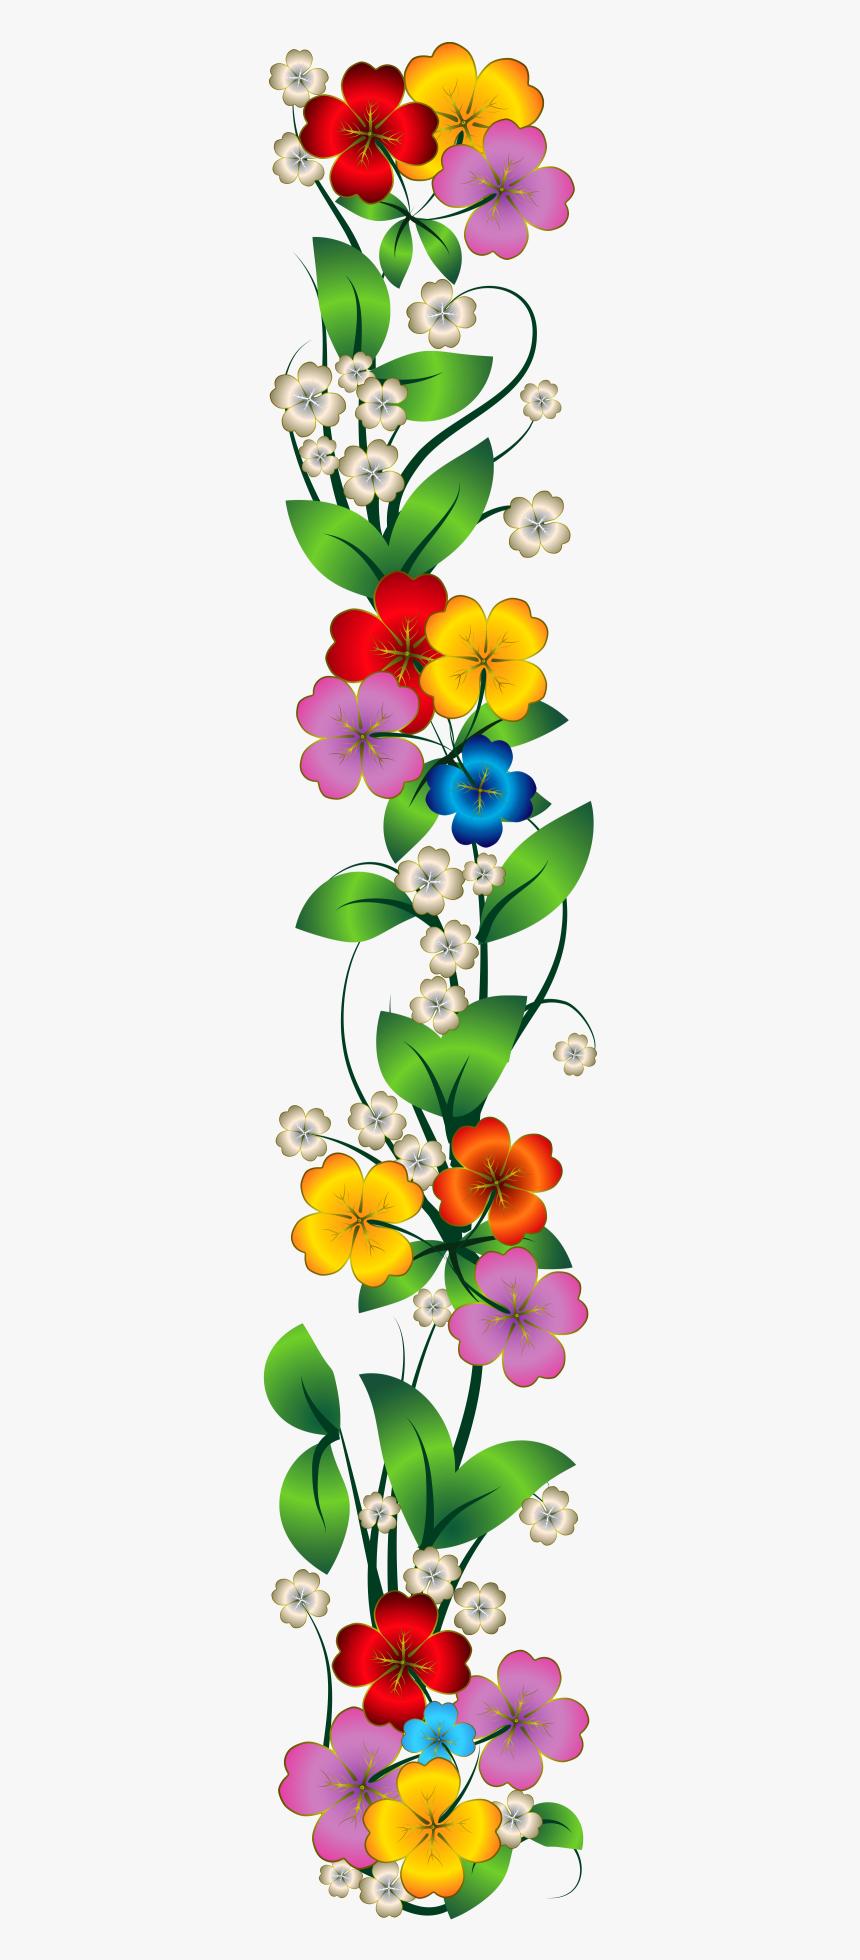 Flower Side Border Png, Transparent Png, Free Download